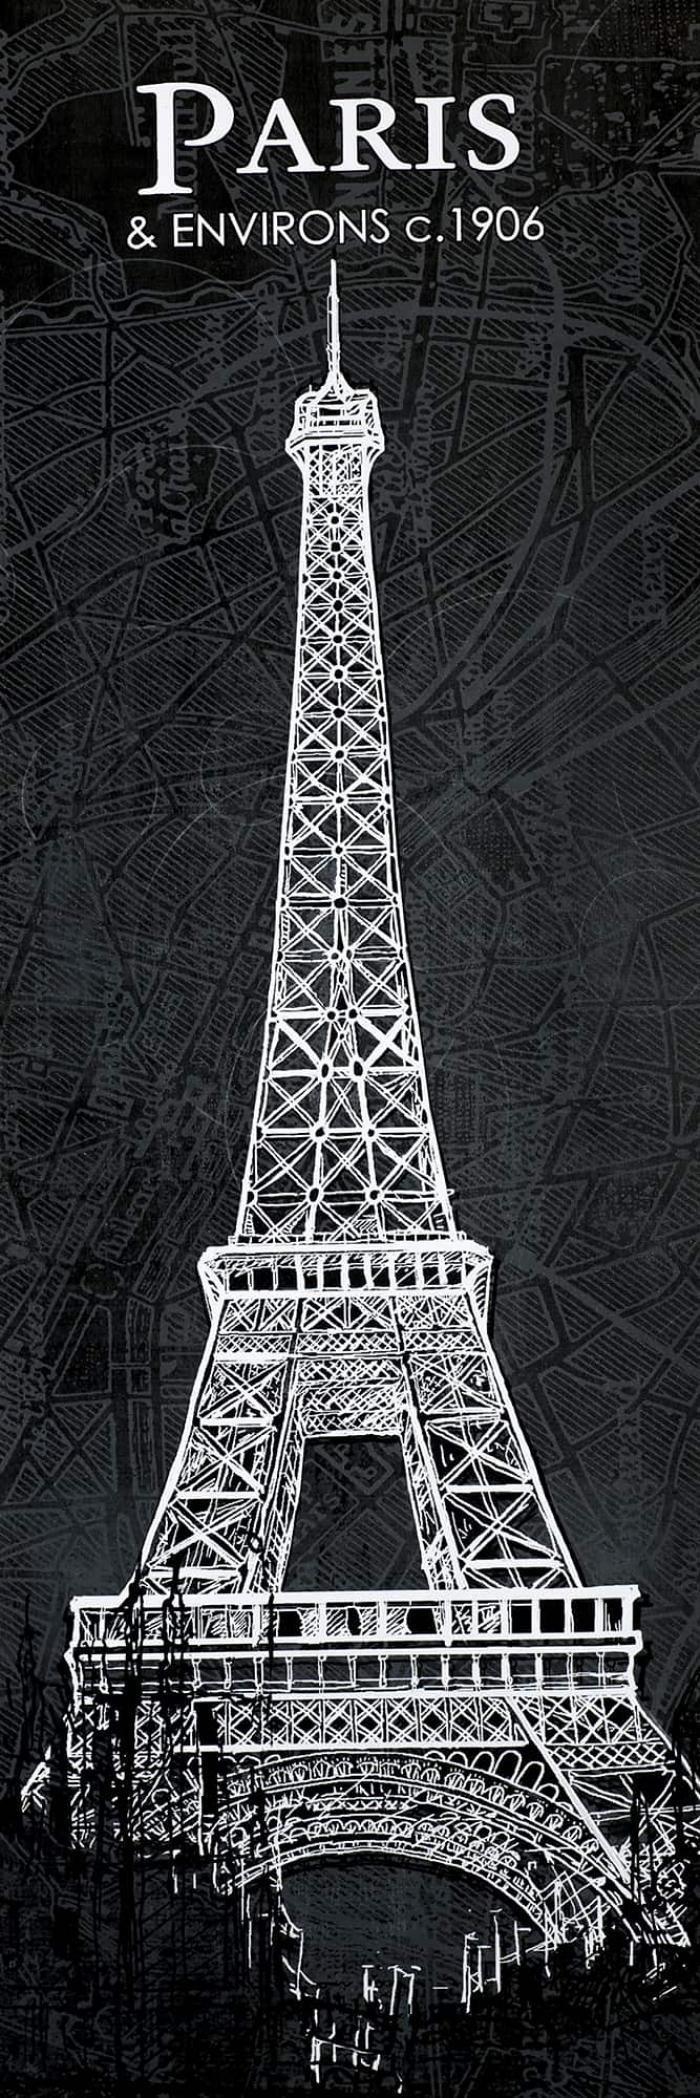 Esquisse de la tour eiffel sur fond de carte